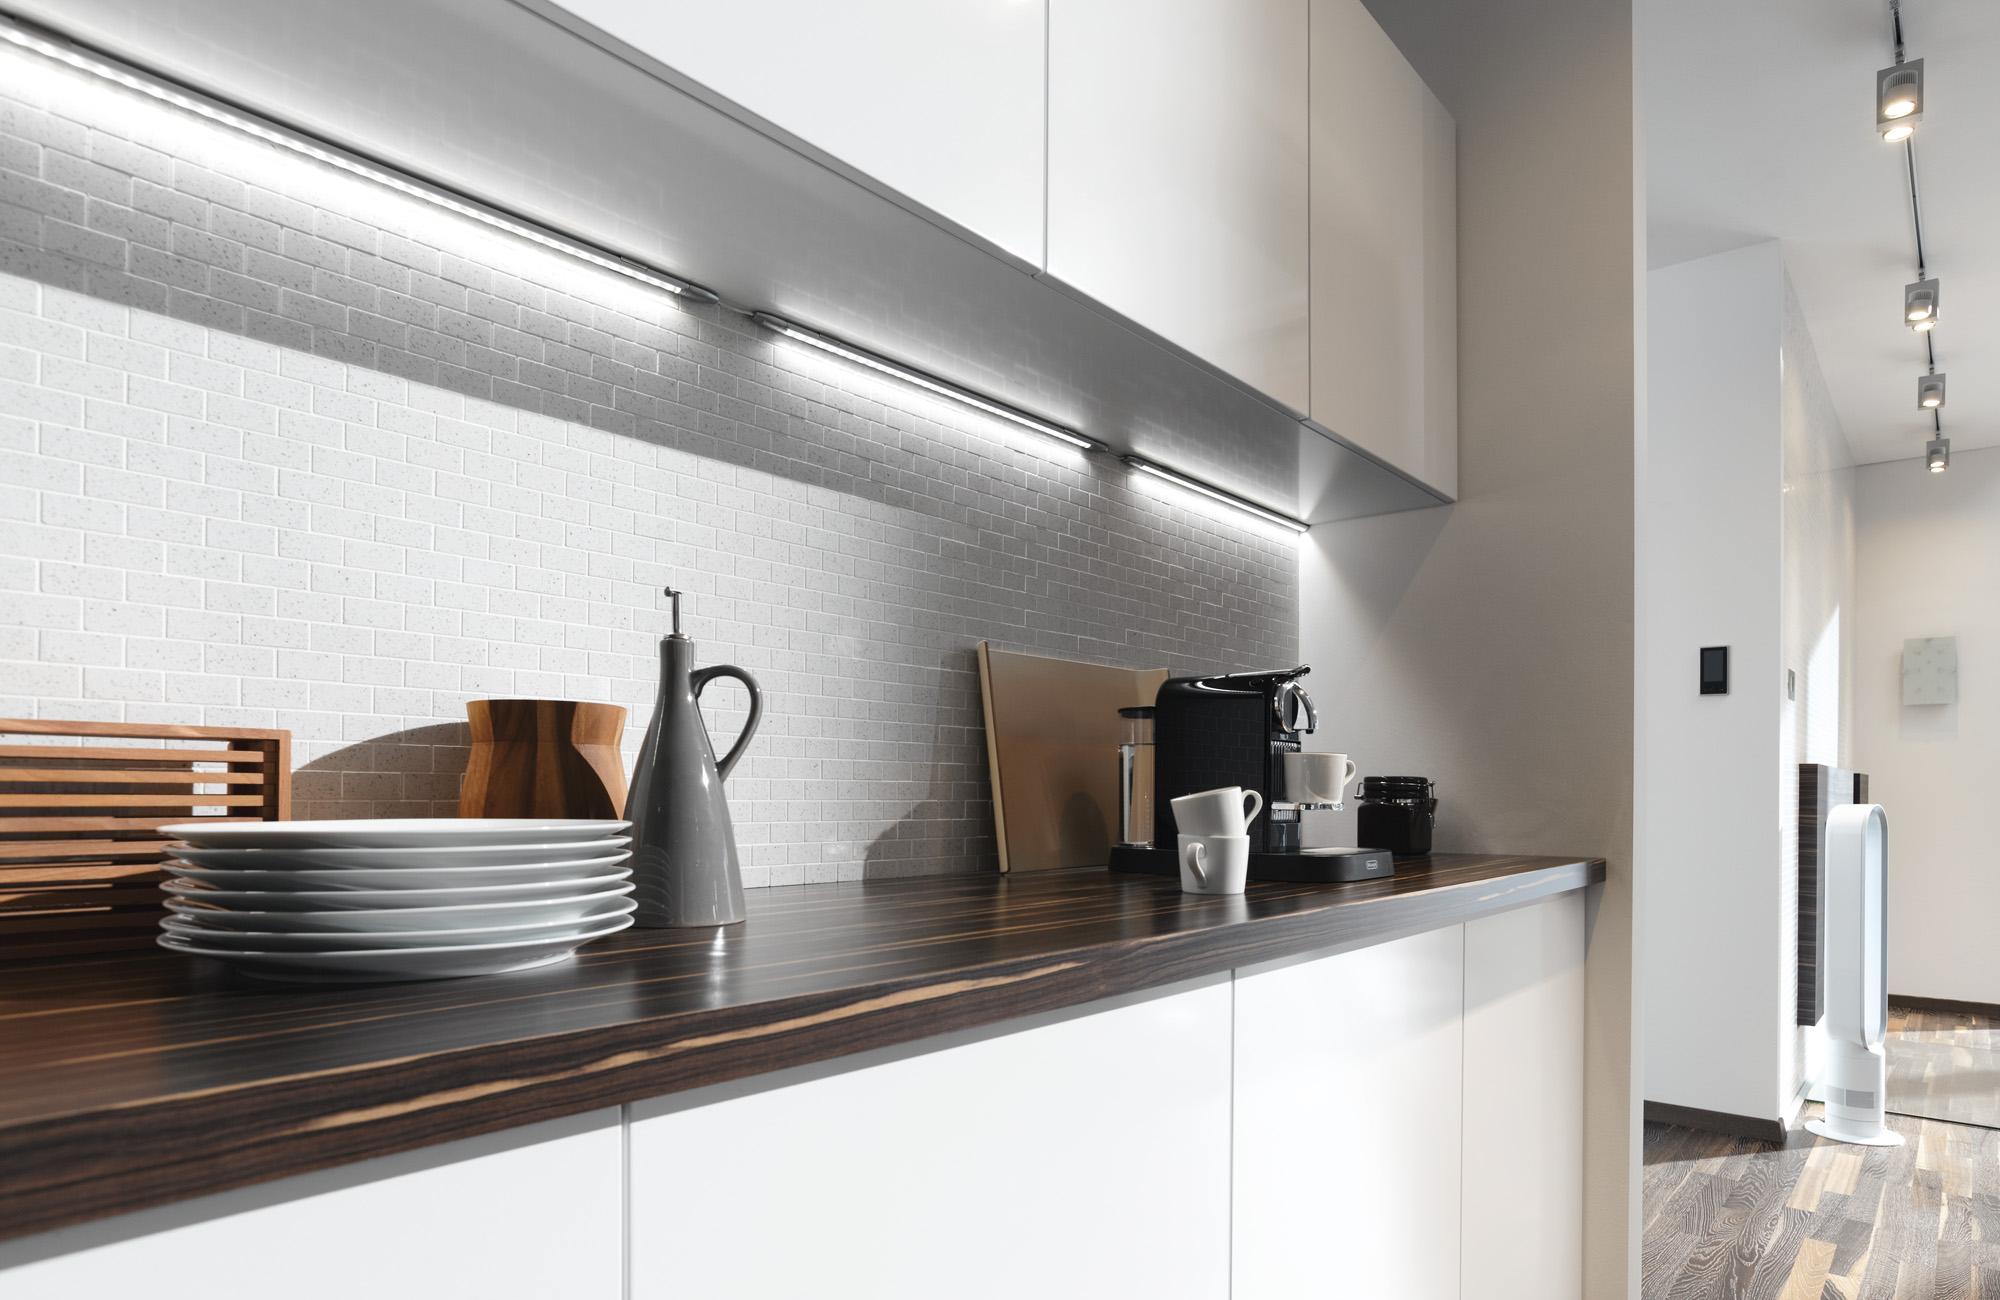 paulmann led lichtleiste linklight basisset 7 5 w 230 24 v online kaufen im voltus. Black Bedroom Furniture Sets. Home Design Ideas